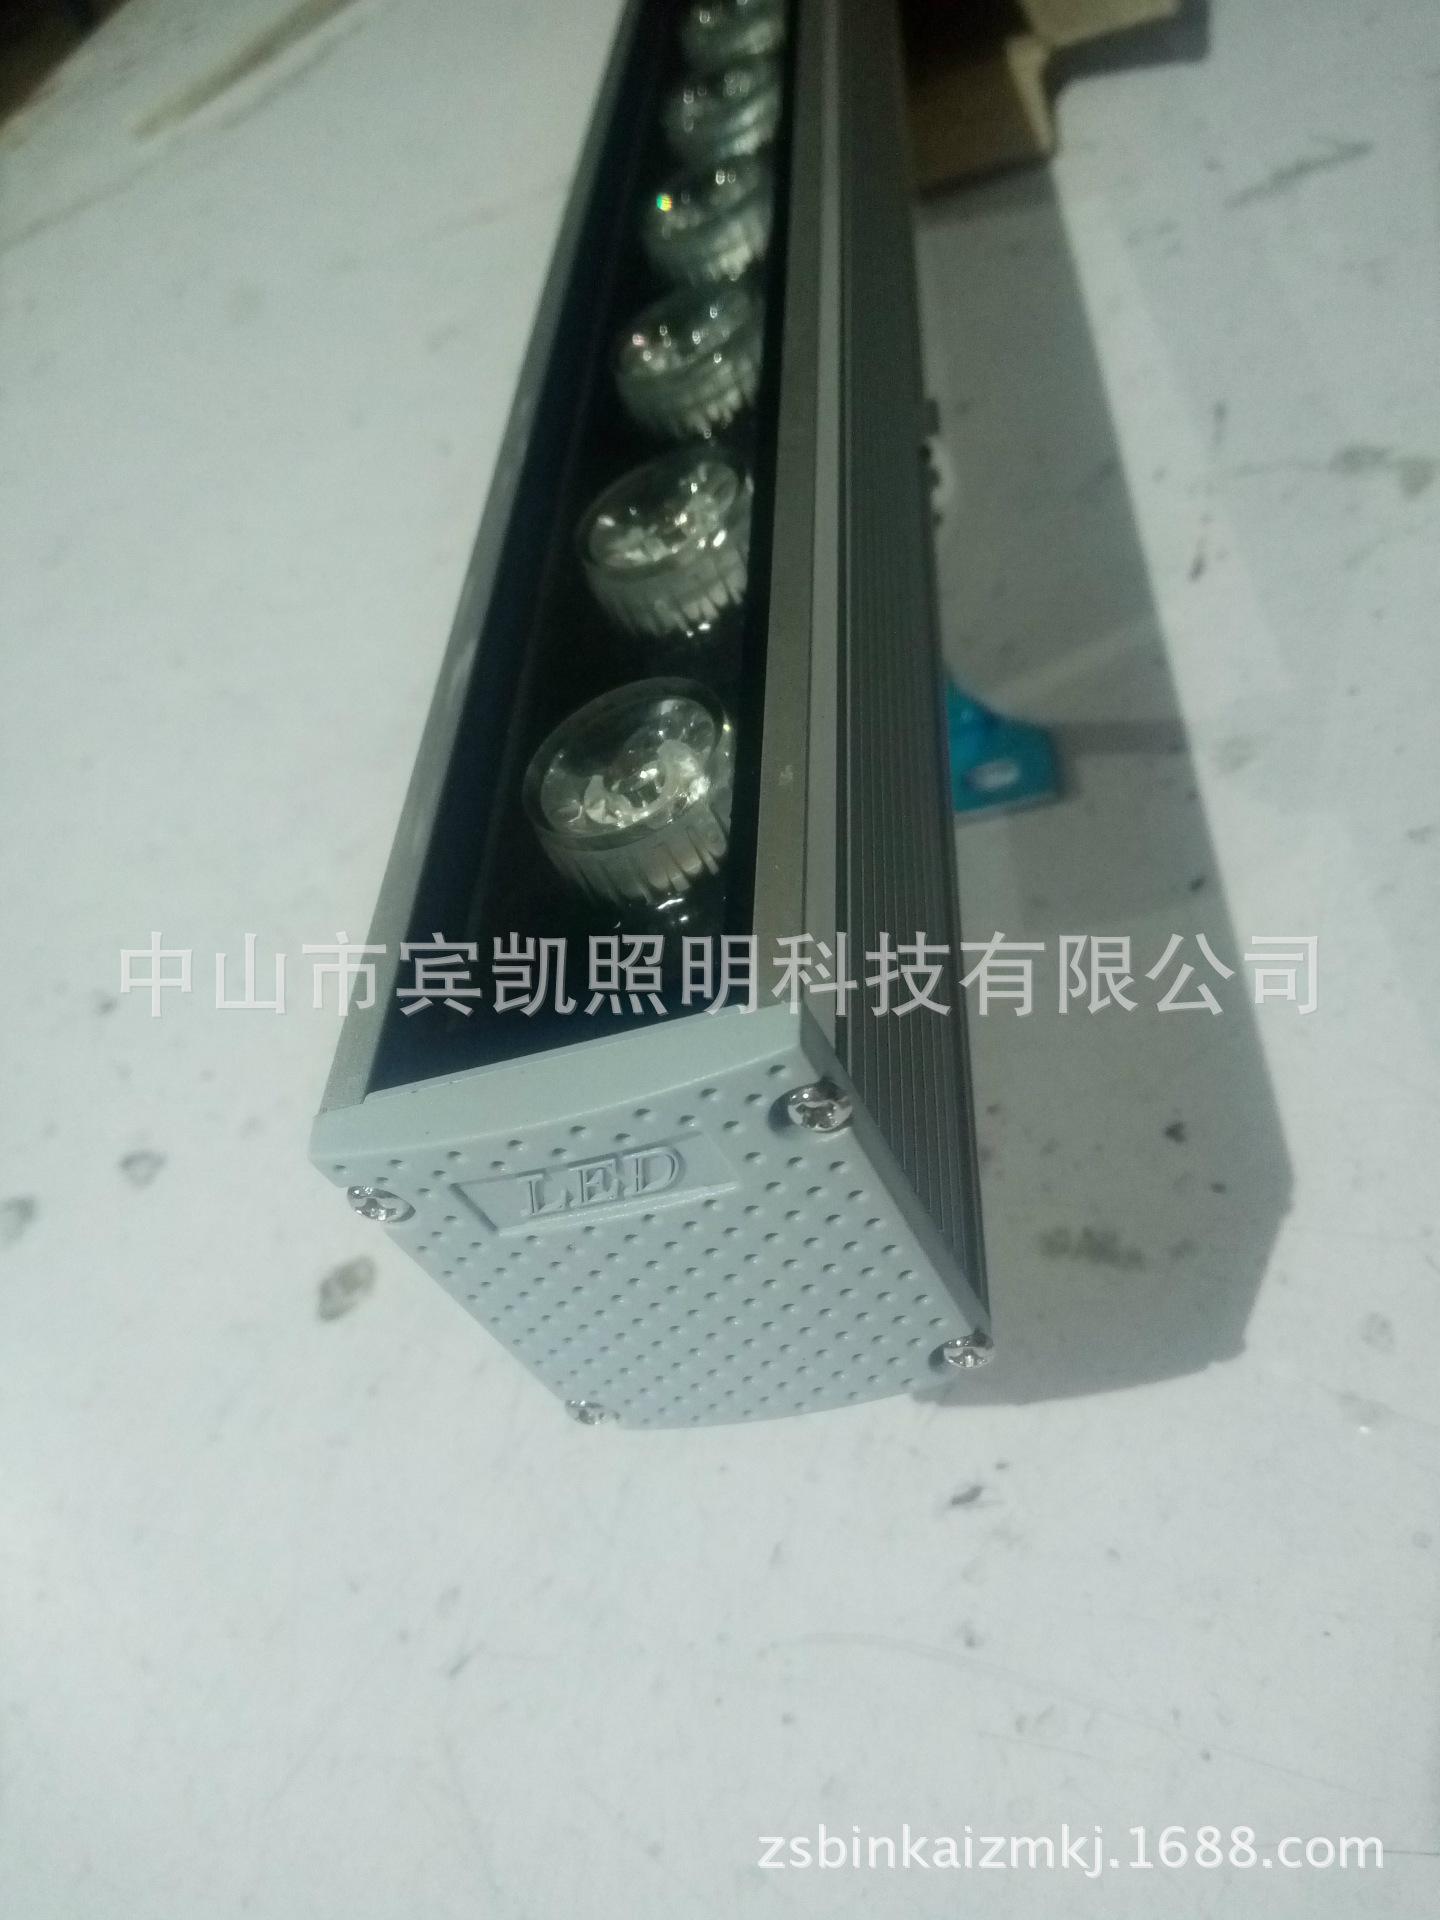 36w洗墙灯 led洗墙灯18w 小功率led洗墙灯 LED洗墙灯 线条灯示例图11